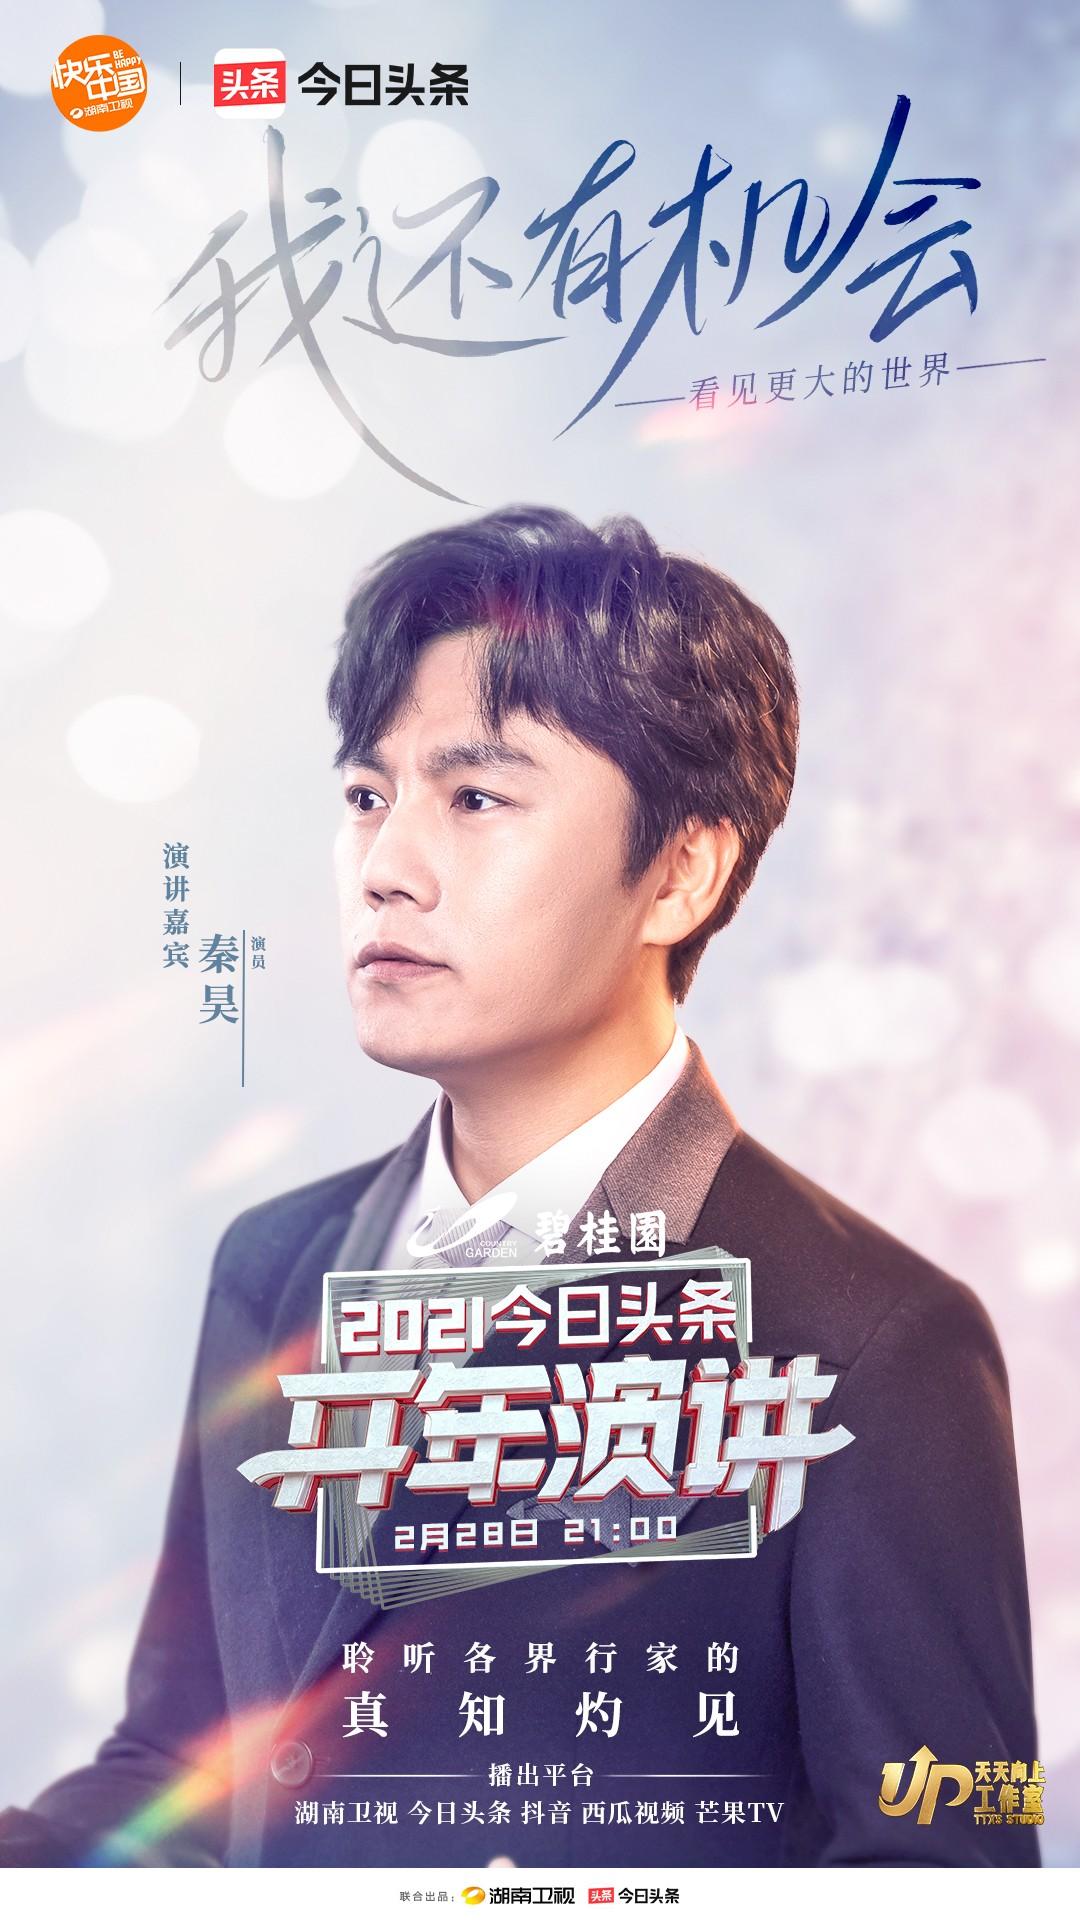 秦昊-头条+快乐logo.jpg